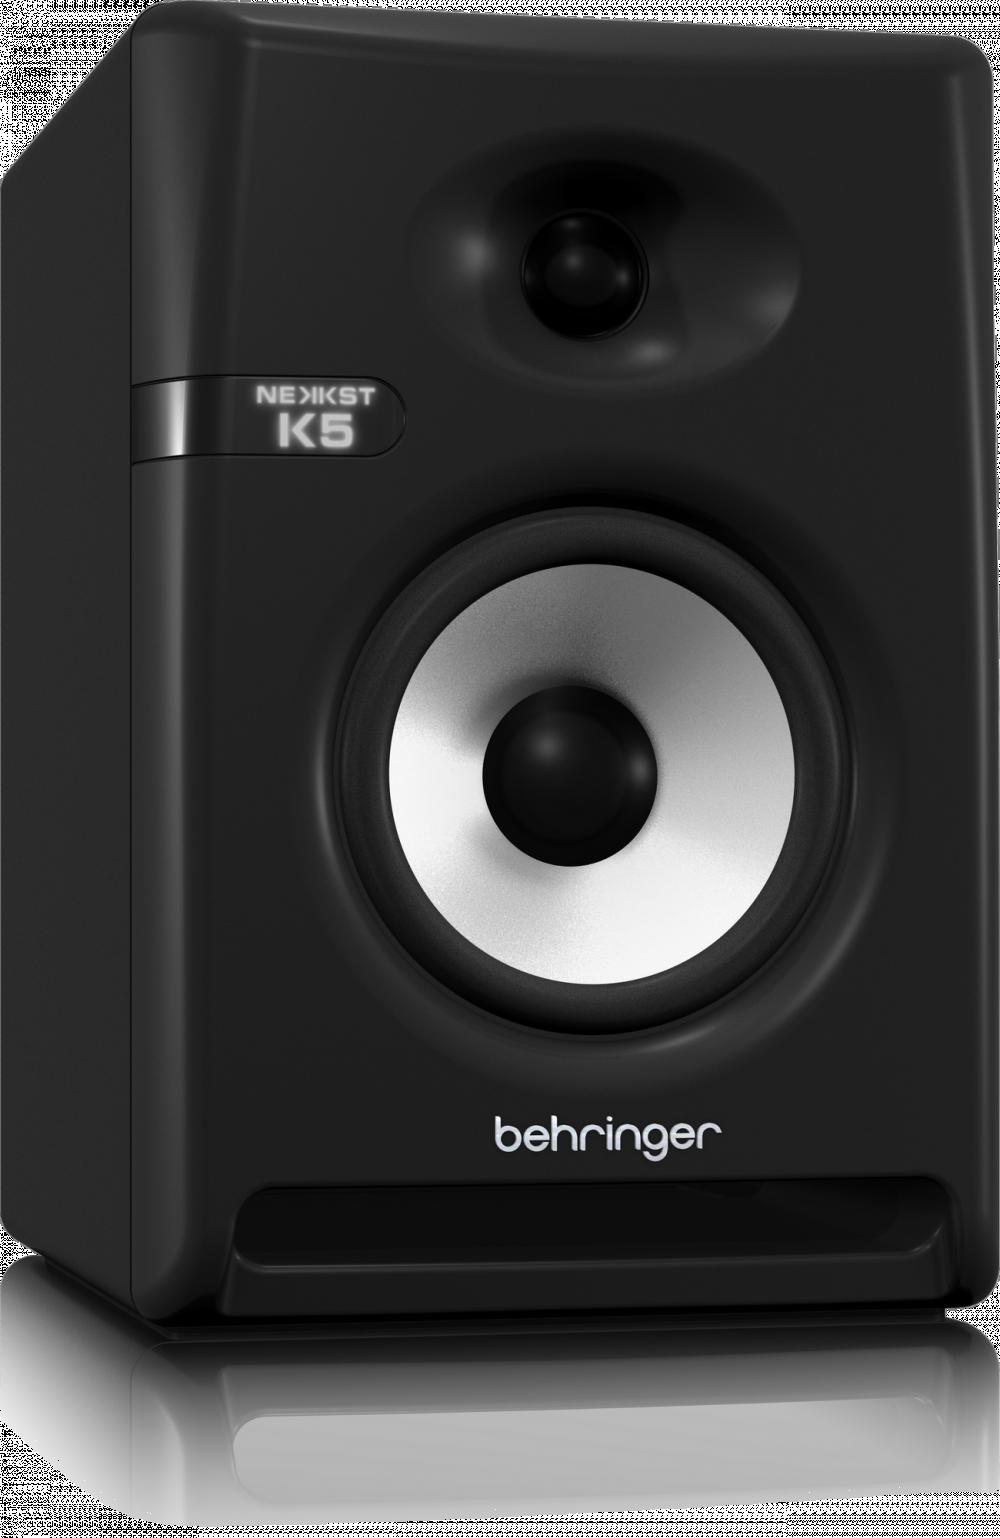 Behringer NEKKST K5